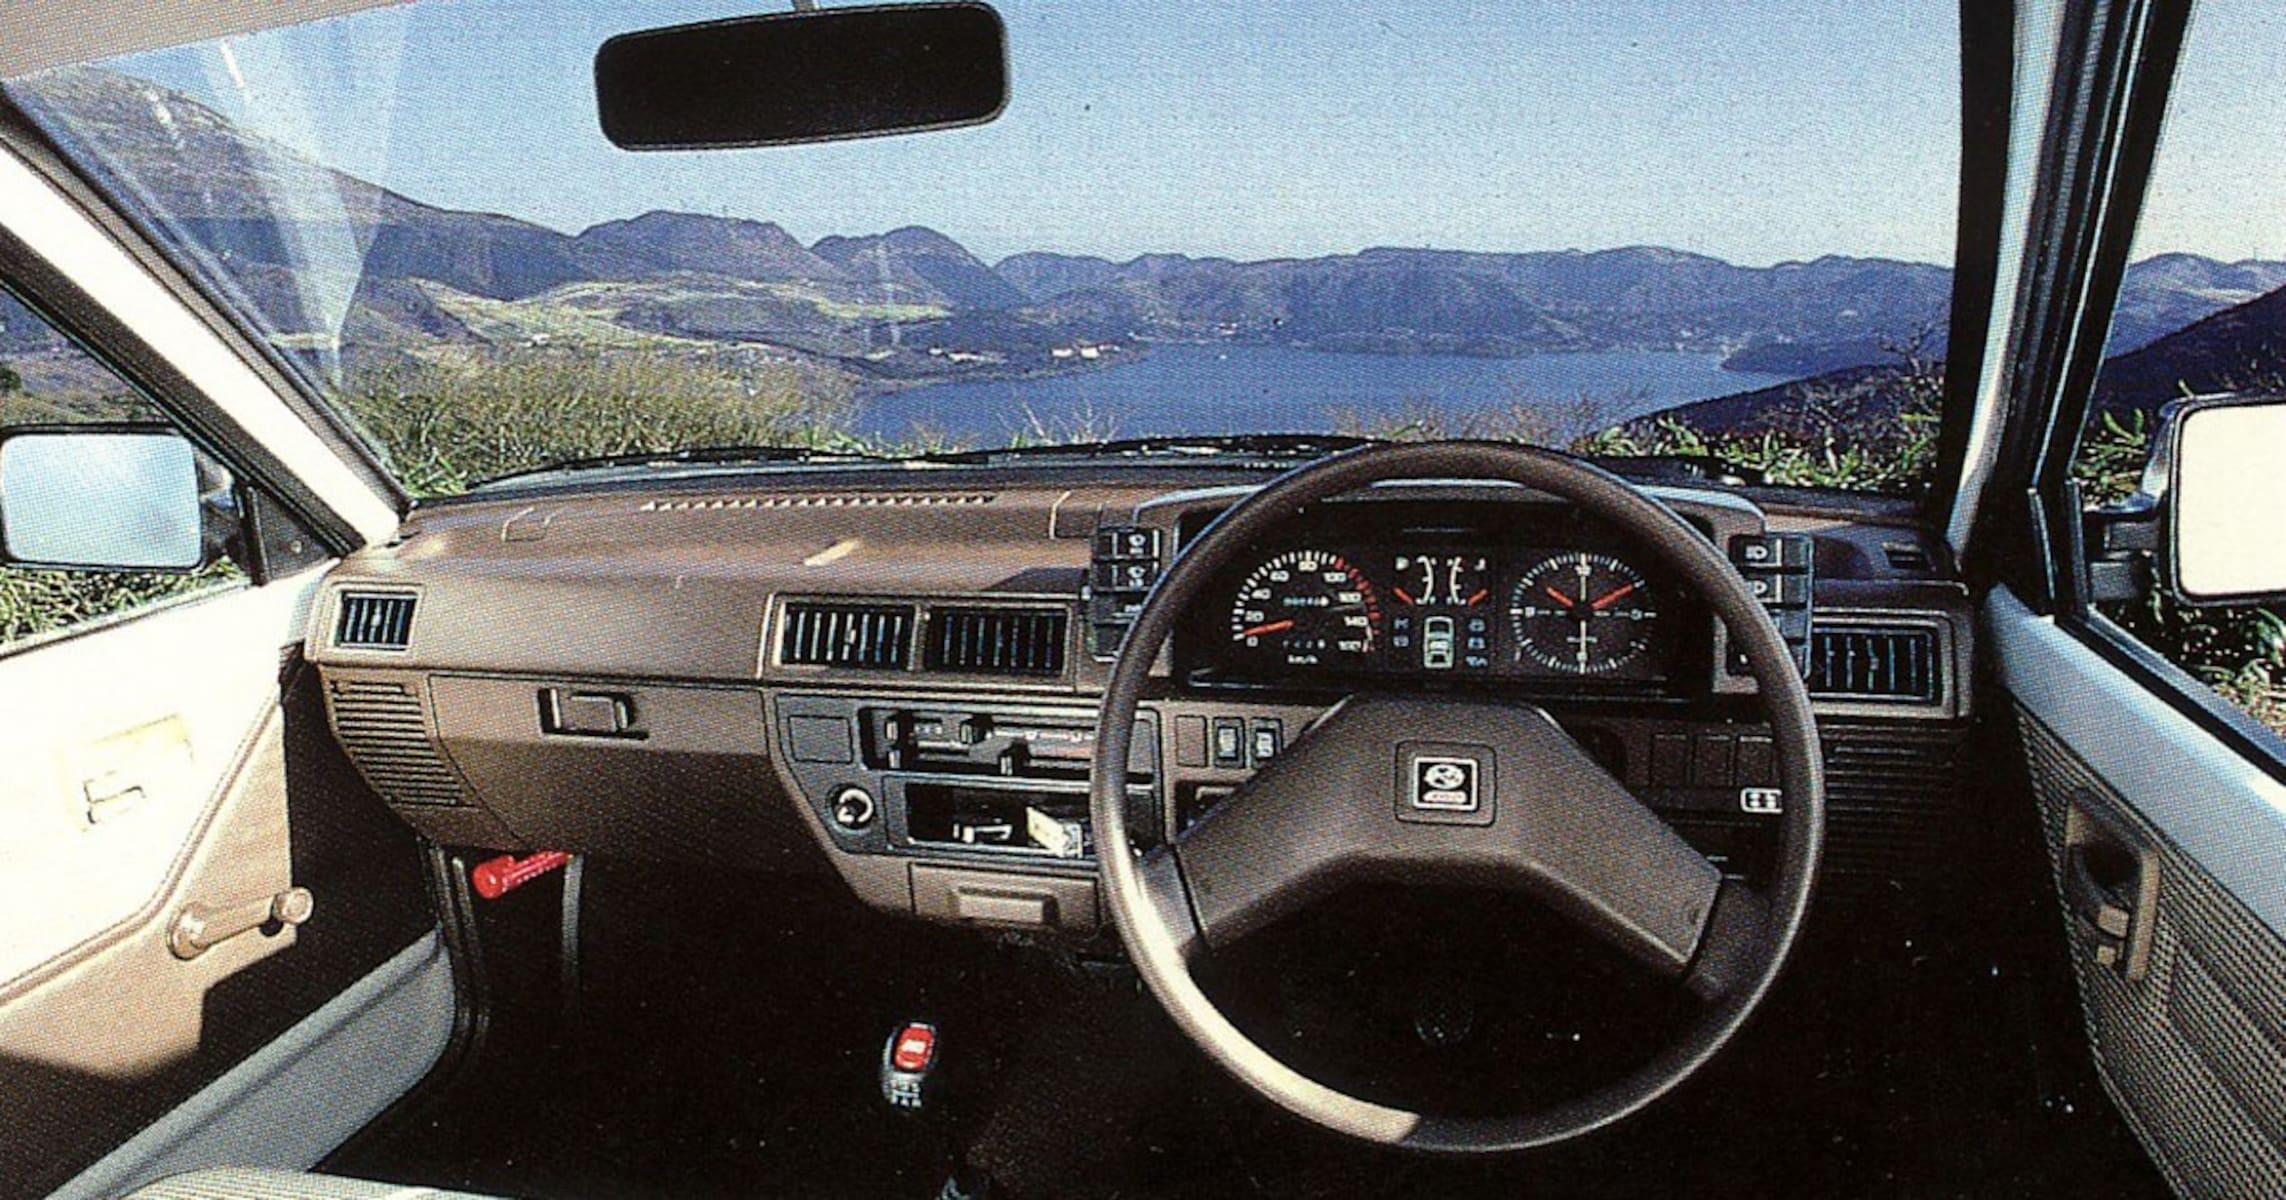 【中年名車図鑑|スバル・ジャスティ】レガシィ&インプレッサ人気に押し出された10年選手のリッターカー